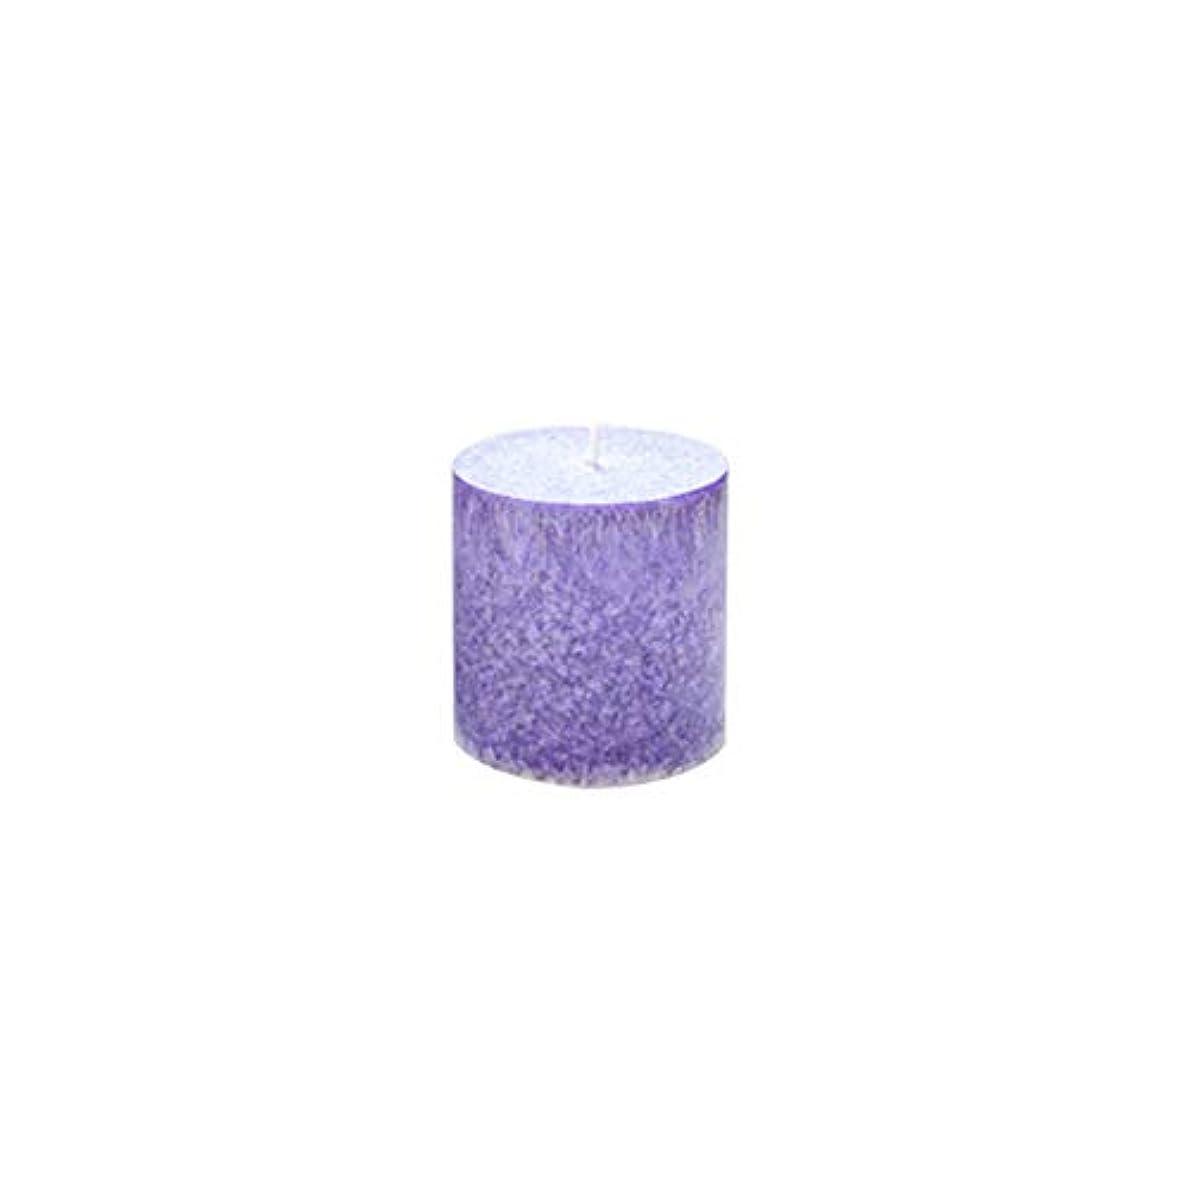 時々考える精度Rakuby 香料入り 蝋燭 ロマンチック 紫色 ラベンダー アロマ療法 柱 蝋燭 祝祭 結婚祝い 無煙蝋燭